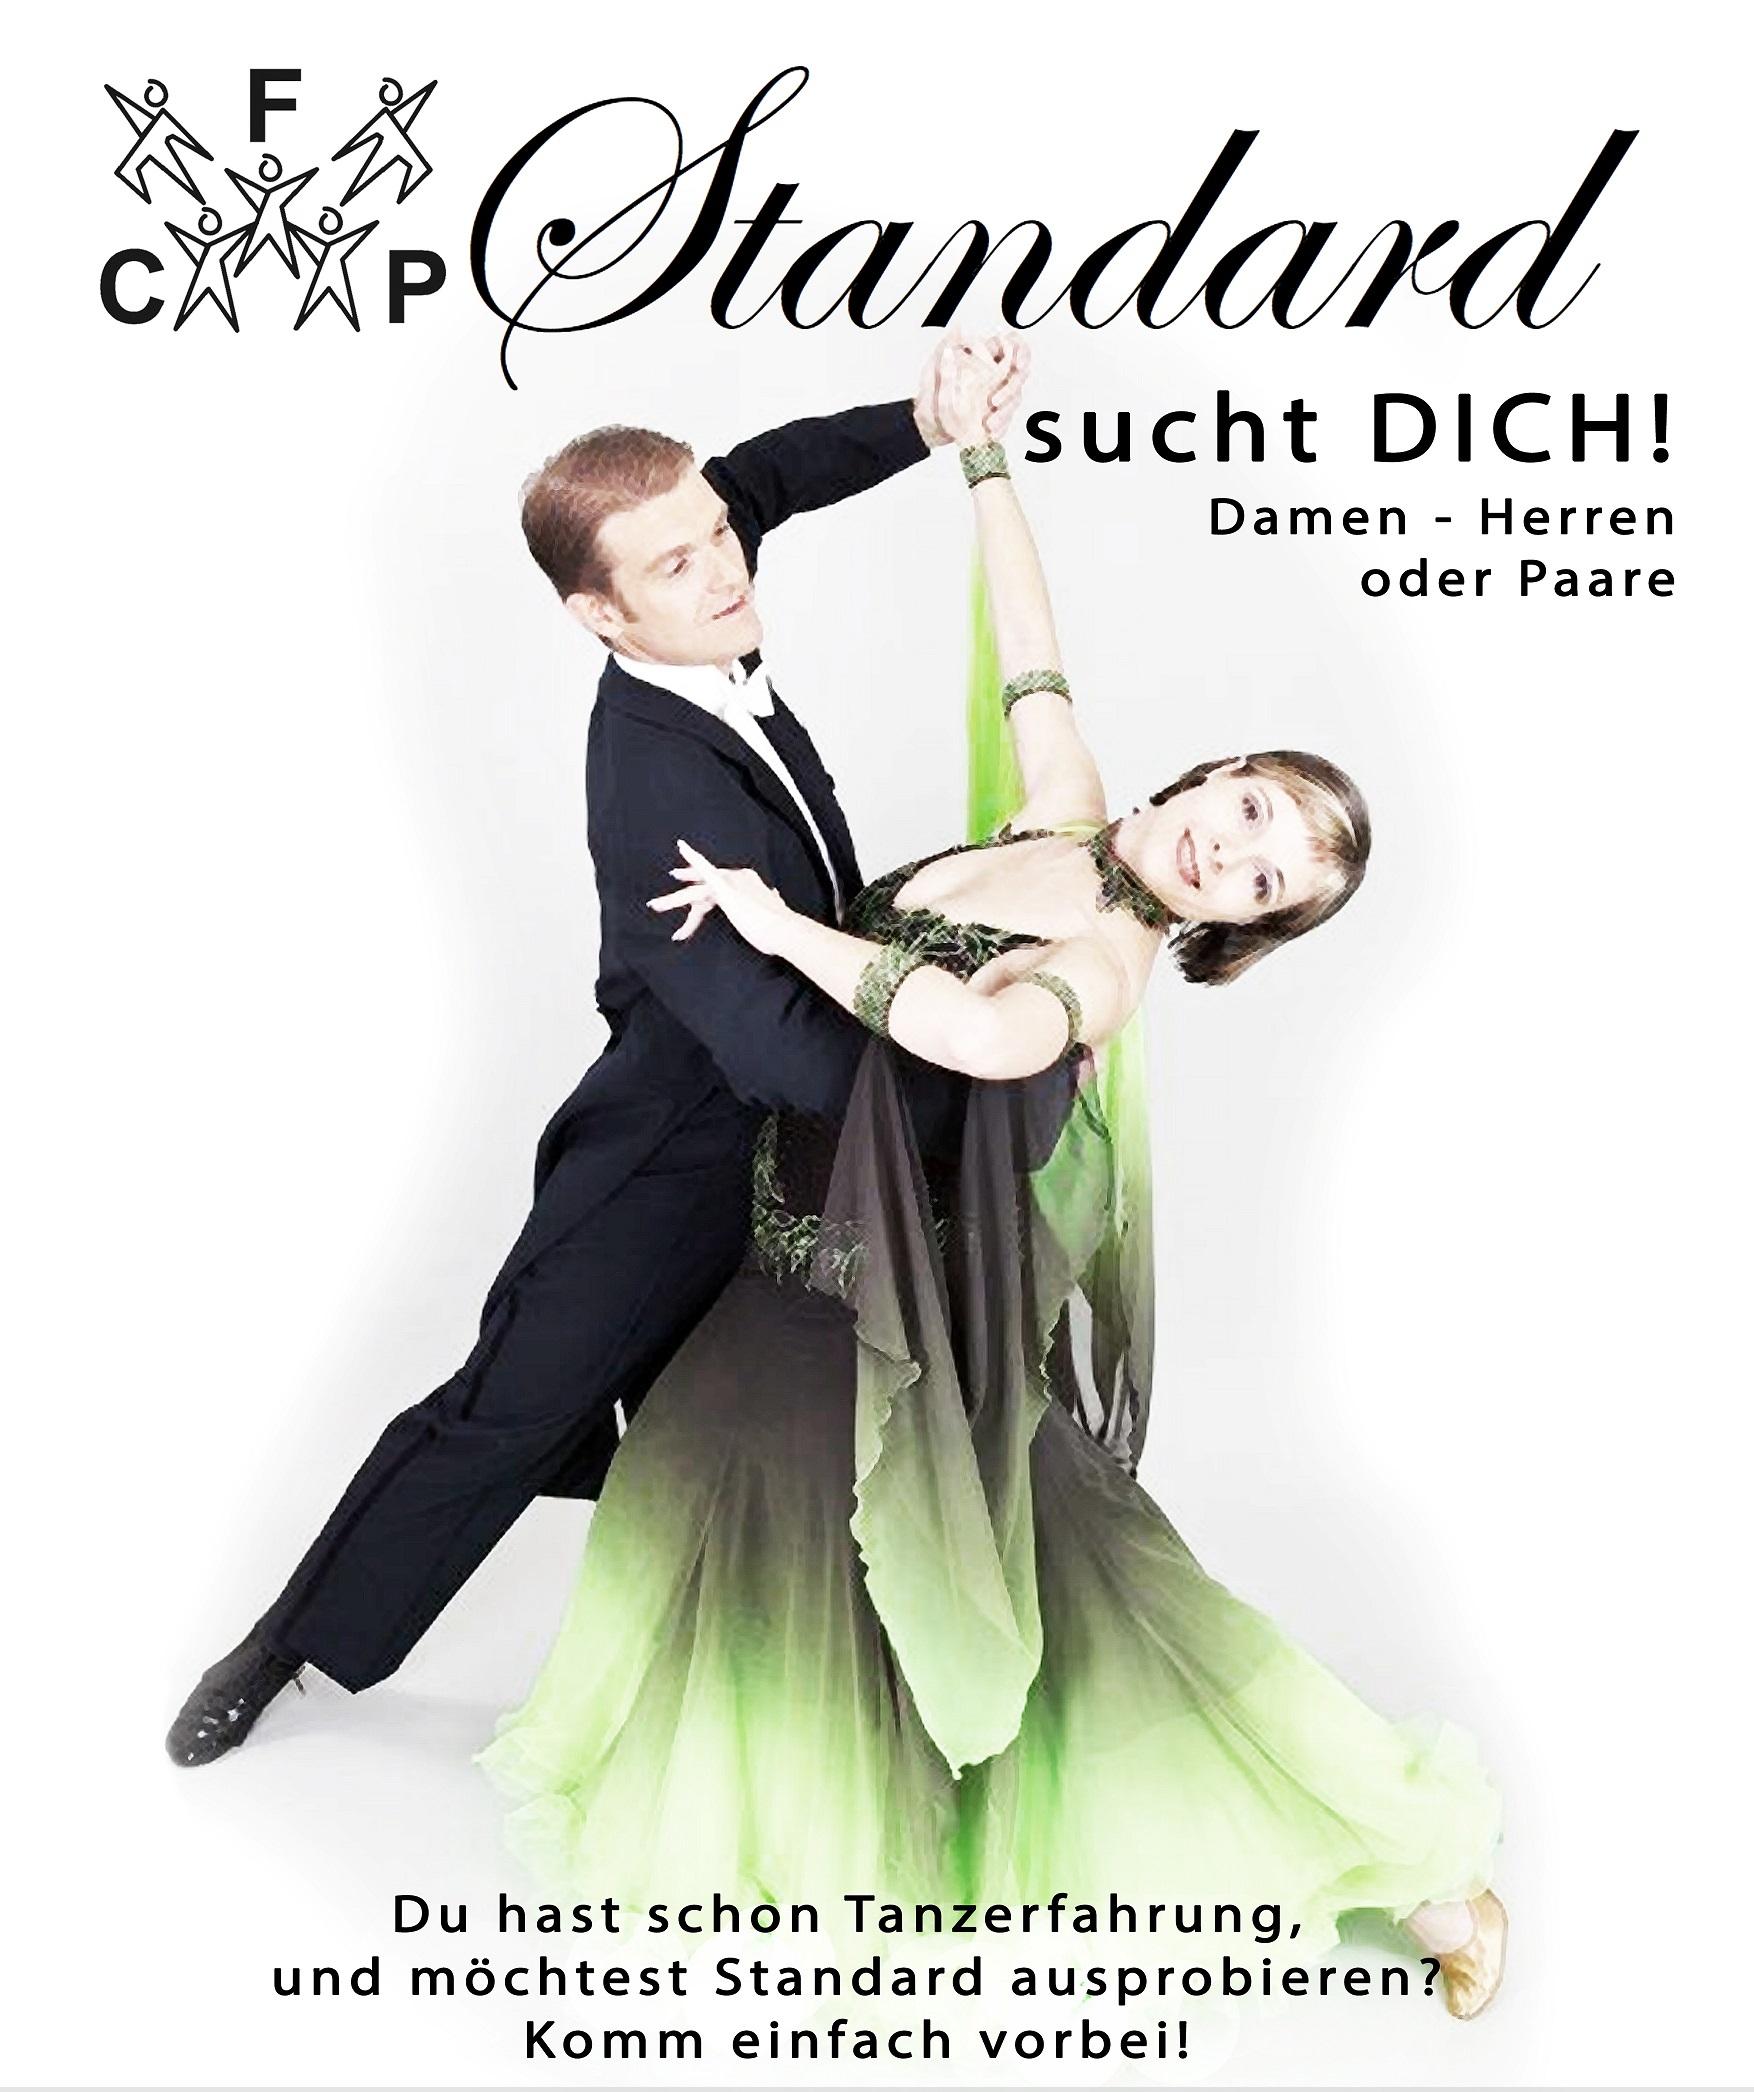 1_Standard-sucht-dich